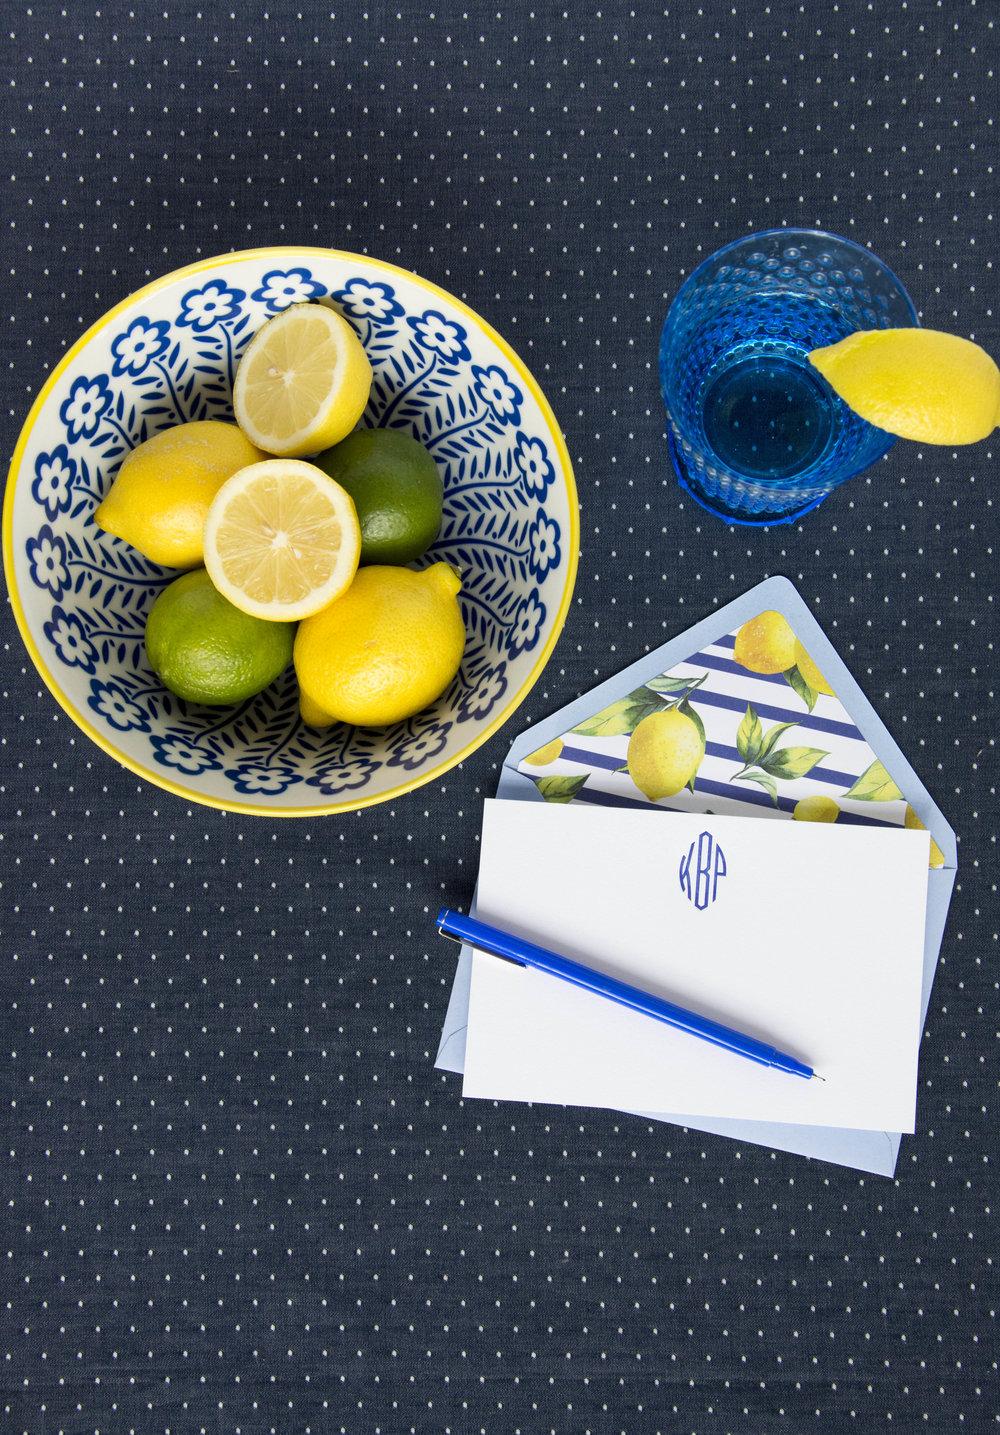 N&E_M77_L323_Stylized_Lemons_HautePapier.JPG